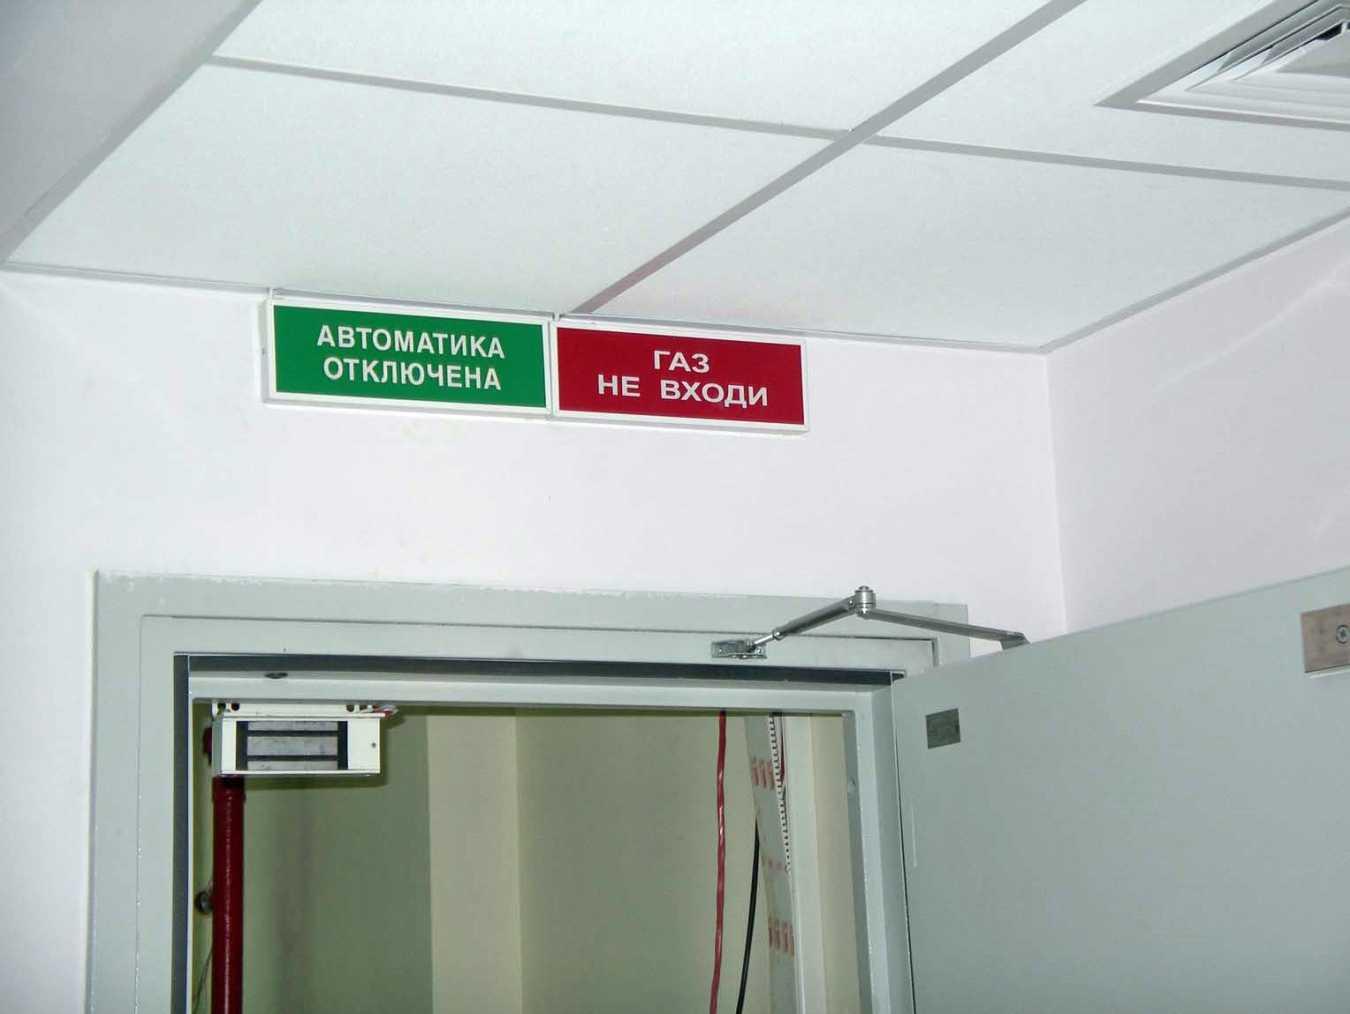 Негорючий газ может представлять опасность для человека. Поэтому помещения, оборудованные установками газового пожаротушения, обозначаются специальными указателями.